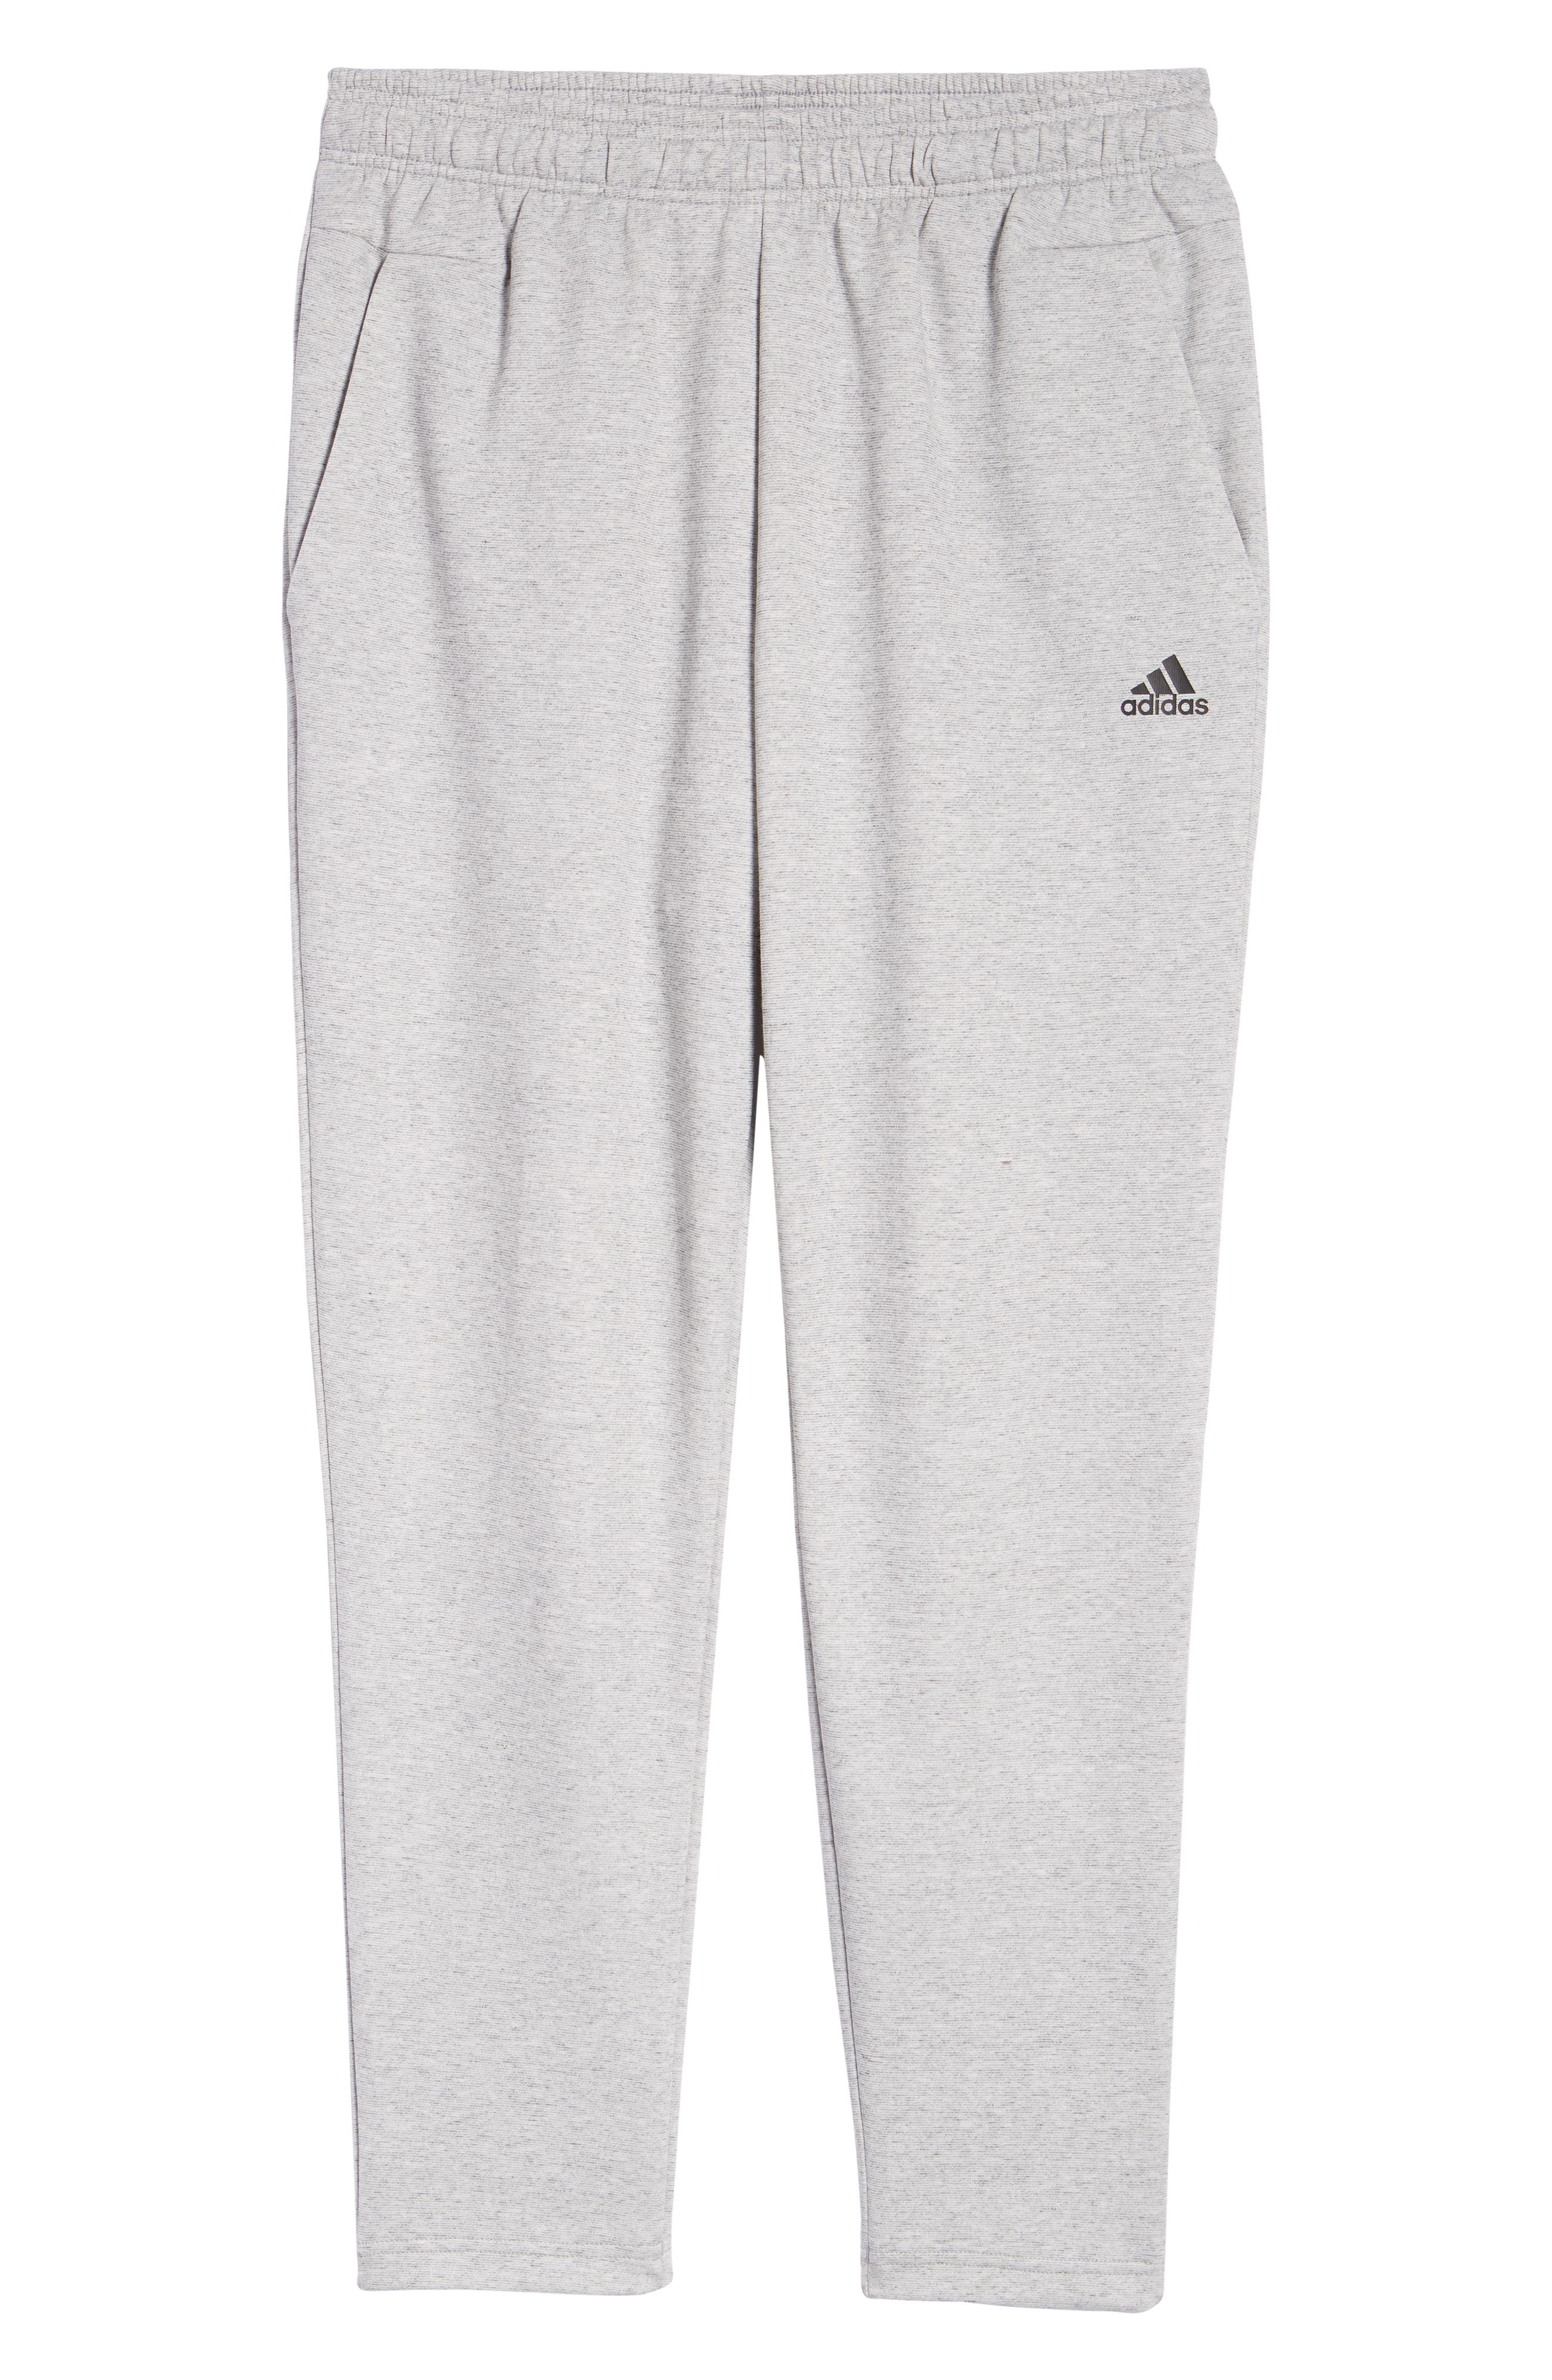 ADIDAS, ID Stadium Knit Pants, Alternate thumbnail 5, color, STADIUM HTR/ GREY